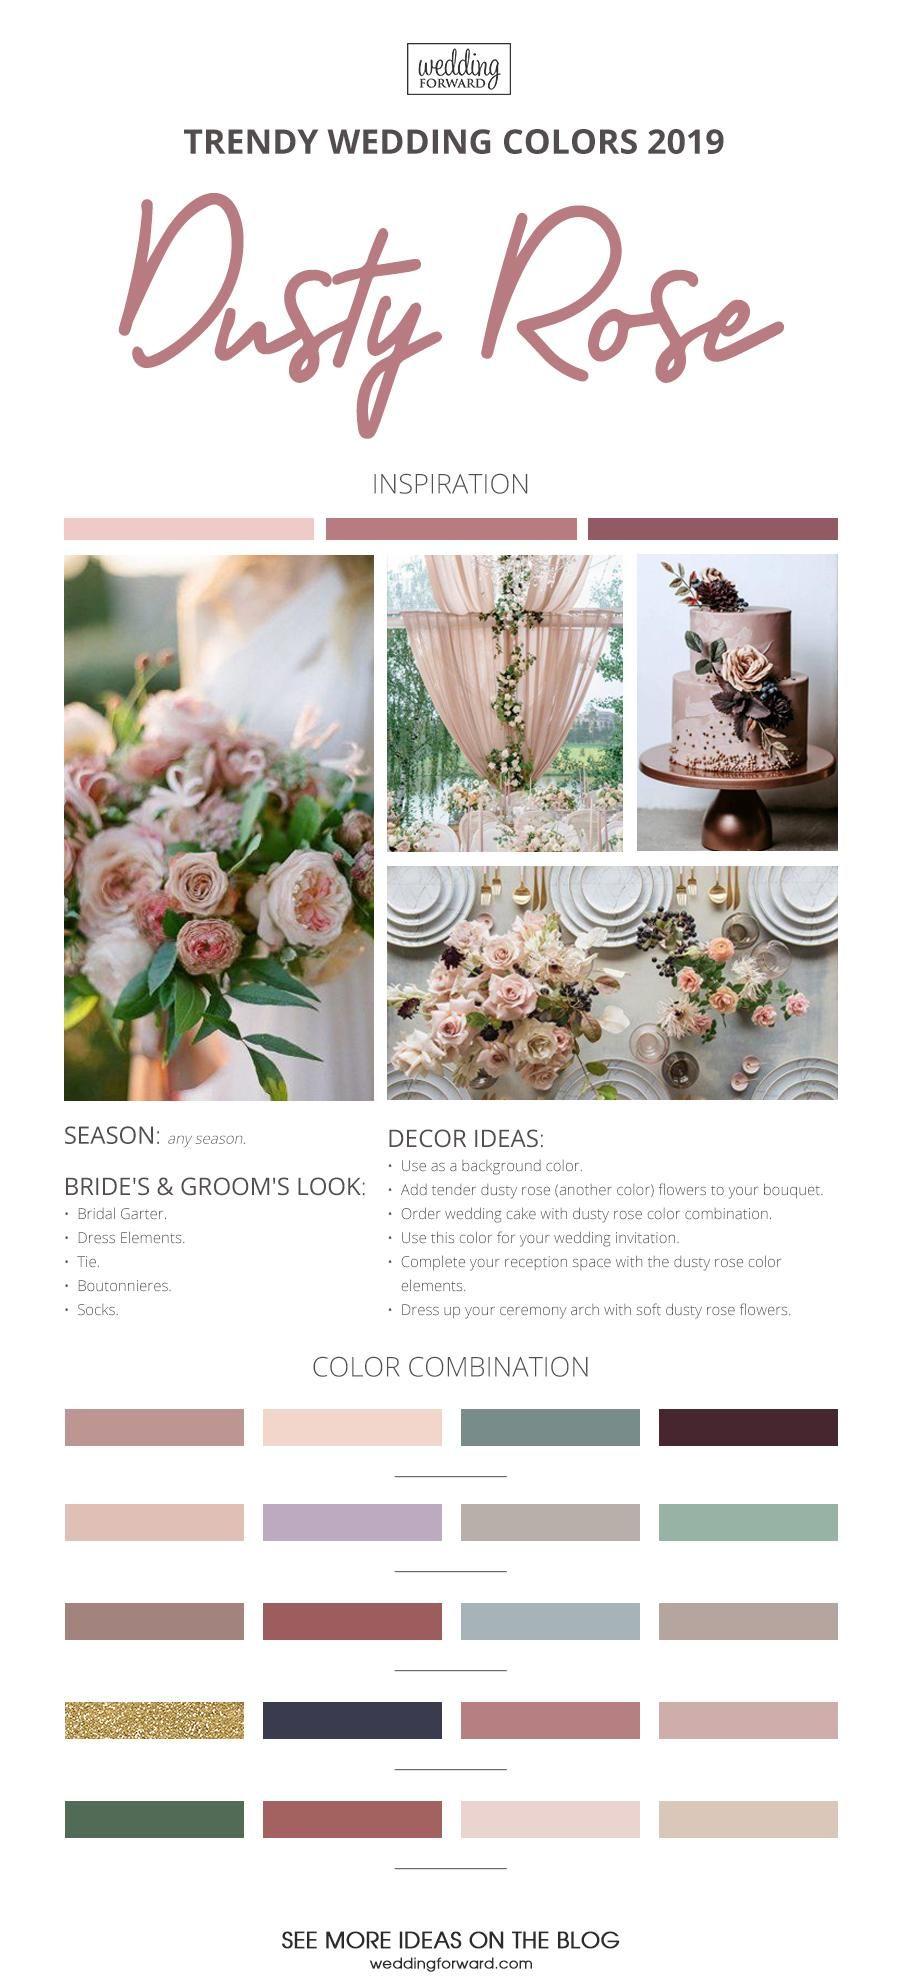 Winter Wedding Color Ideas Winter Wedding Colors Wedding Themes Wedding Colors